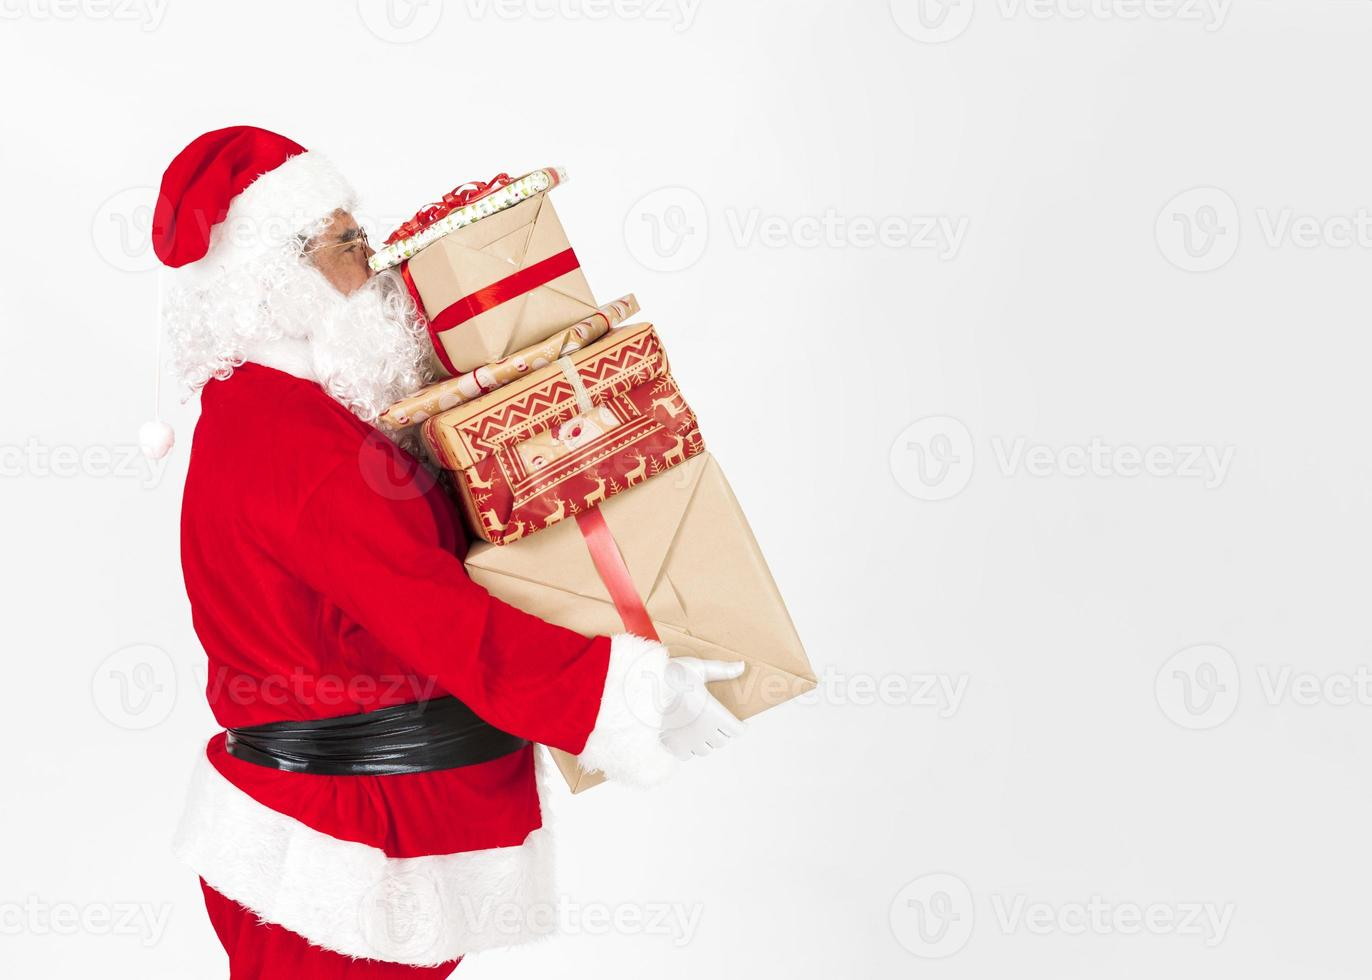 Weihnachtsmann bringt Weihnachtsgeschenke foto